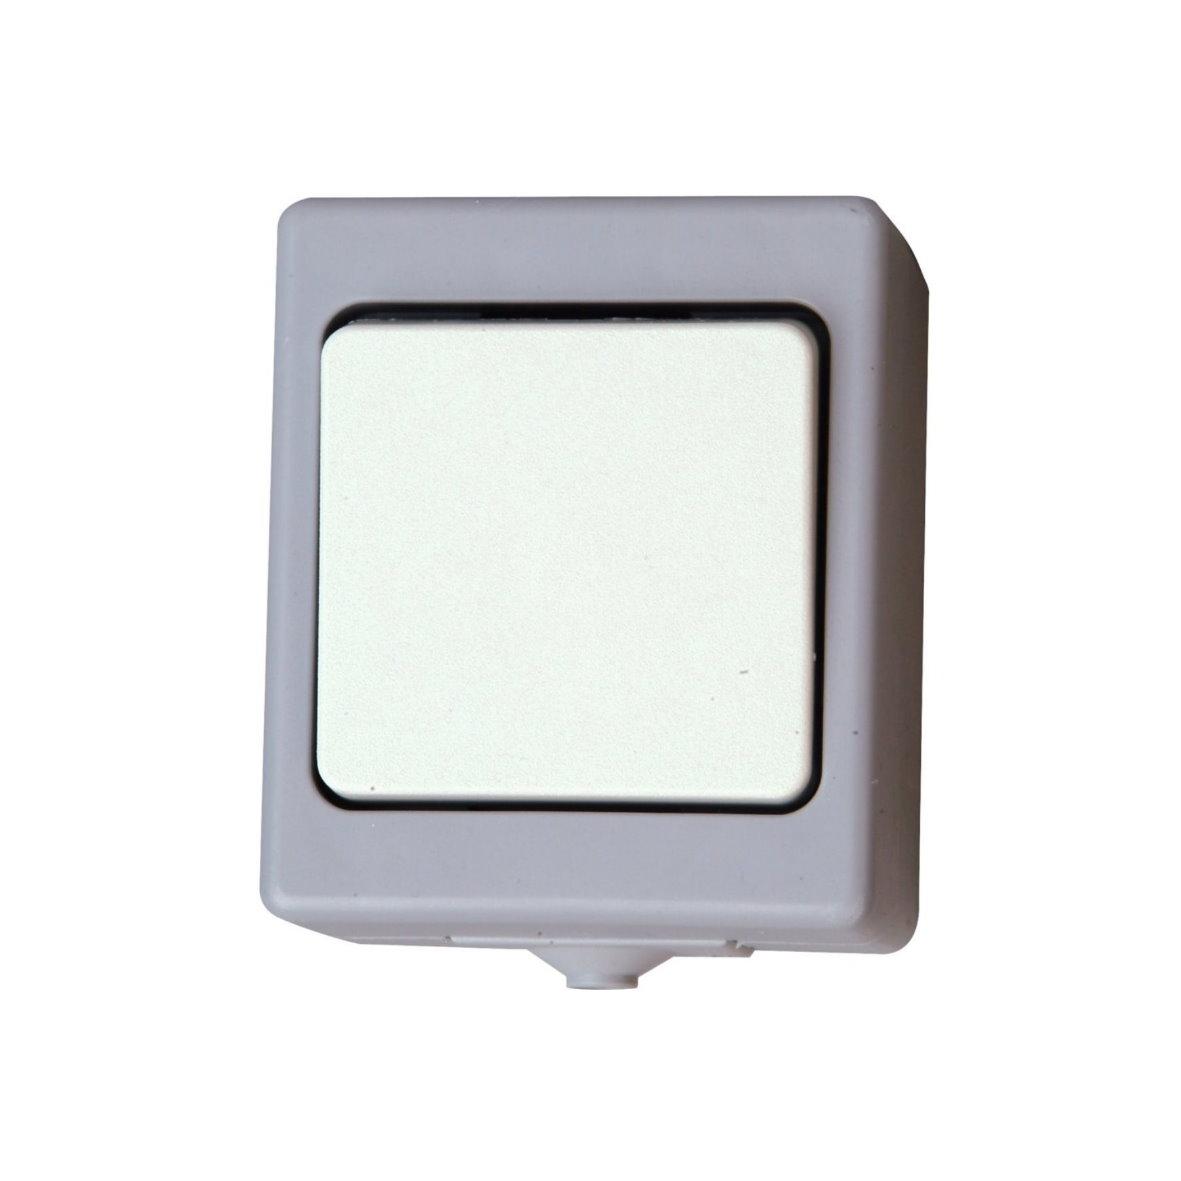 kopp aufputz feuchtraum schalter programm serie aufbau. Black Bedroom Furniture Sets. Home Design Ideas